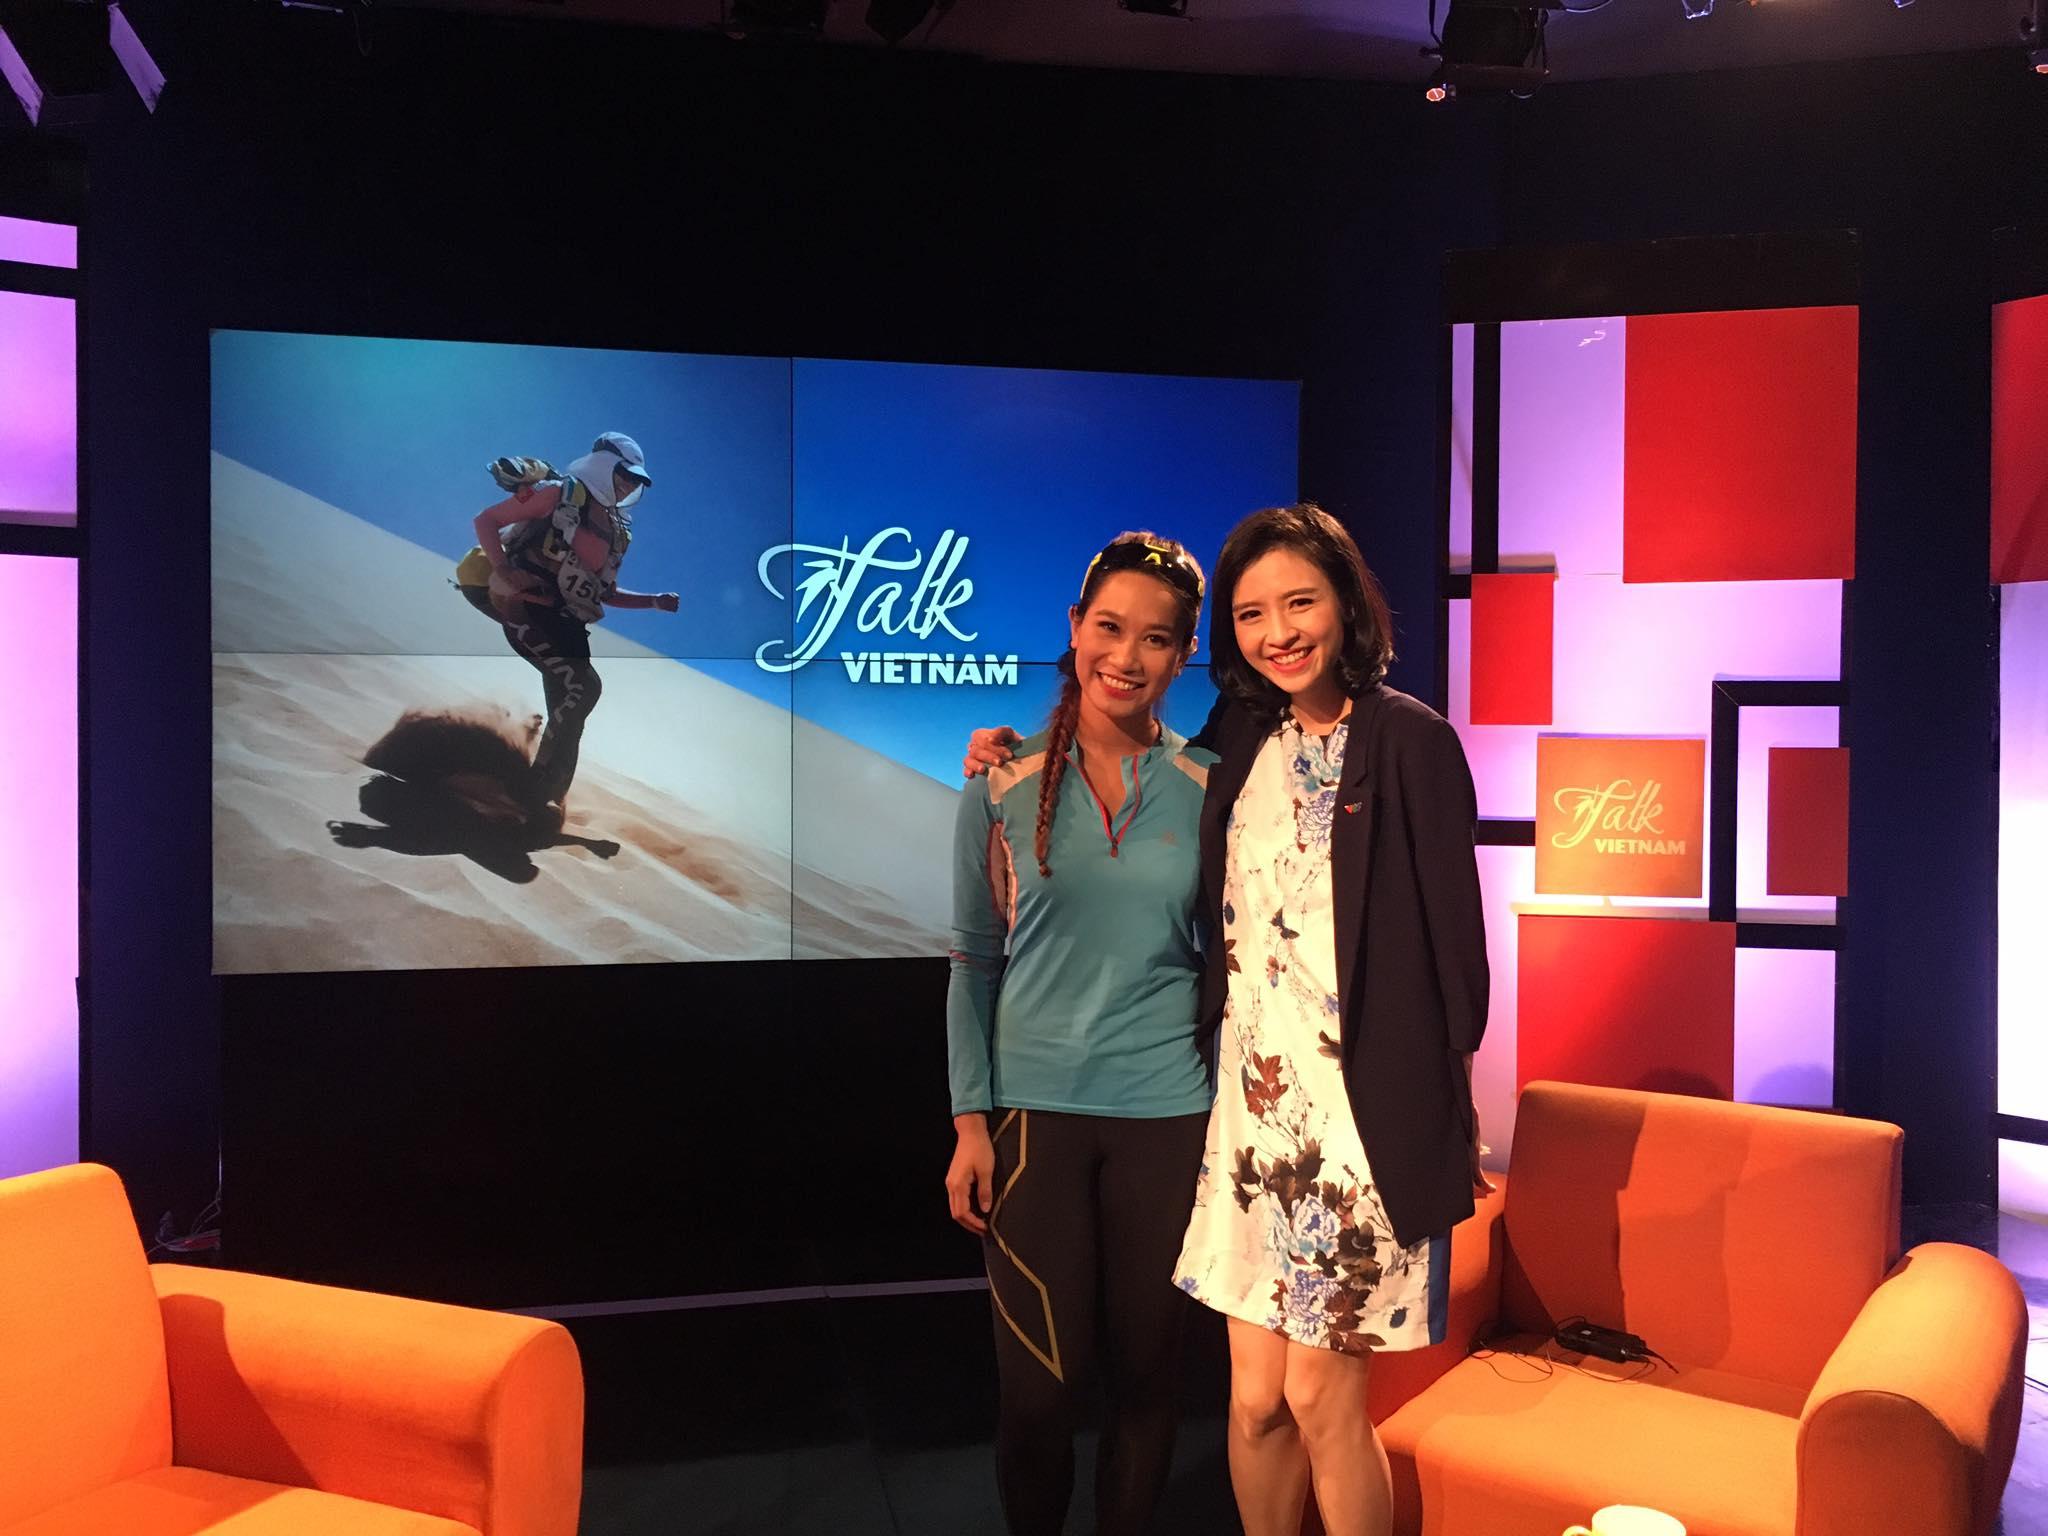 Cô gái Việt trở thành phụ nữ châu Á đầu tiên chinh phục 4 sa mạc khắc nghiệt nhất thế giới - Ảnh 10.